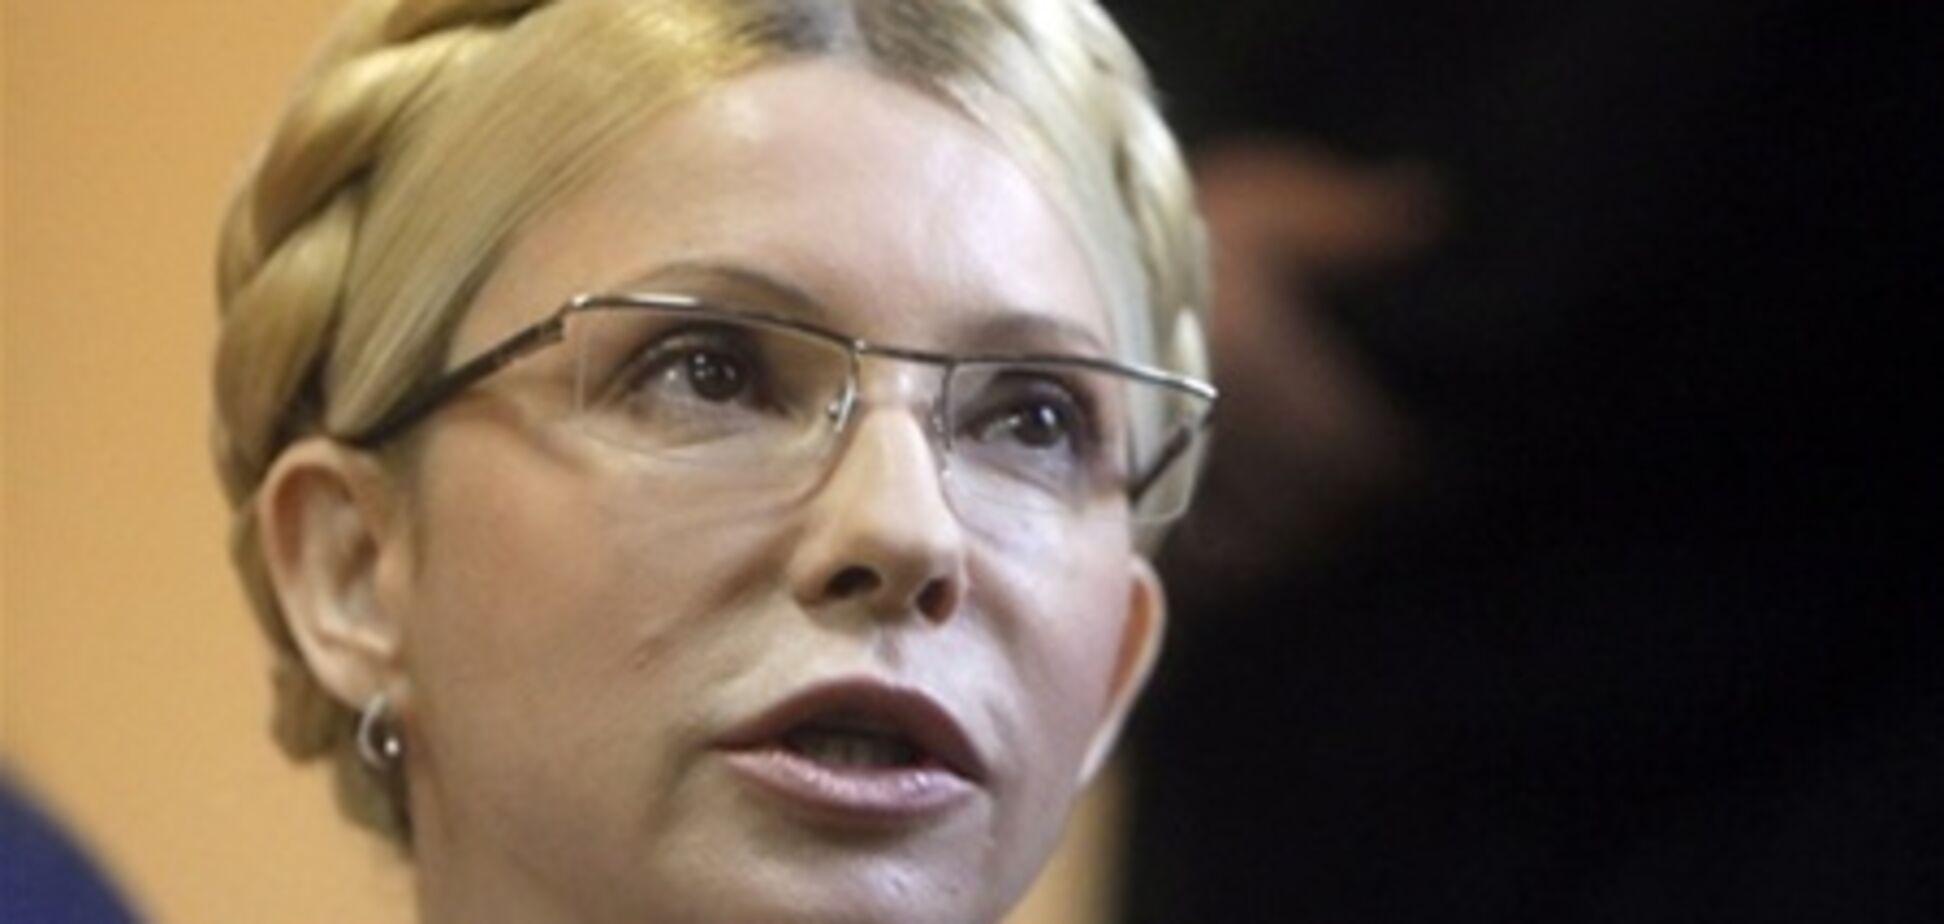 МВД за 30 минут подготовилось к этапированию Тимошенко